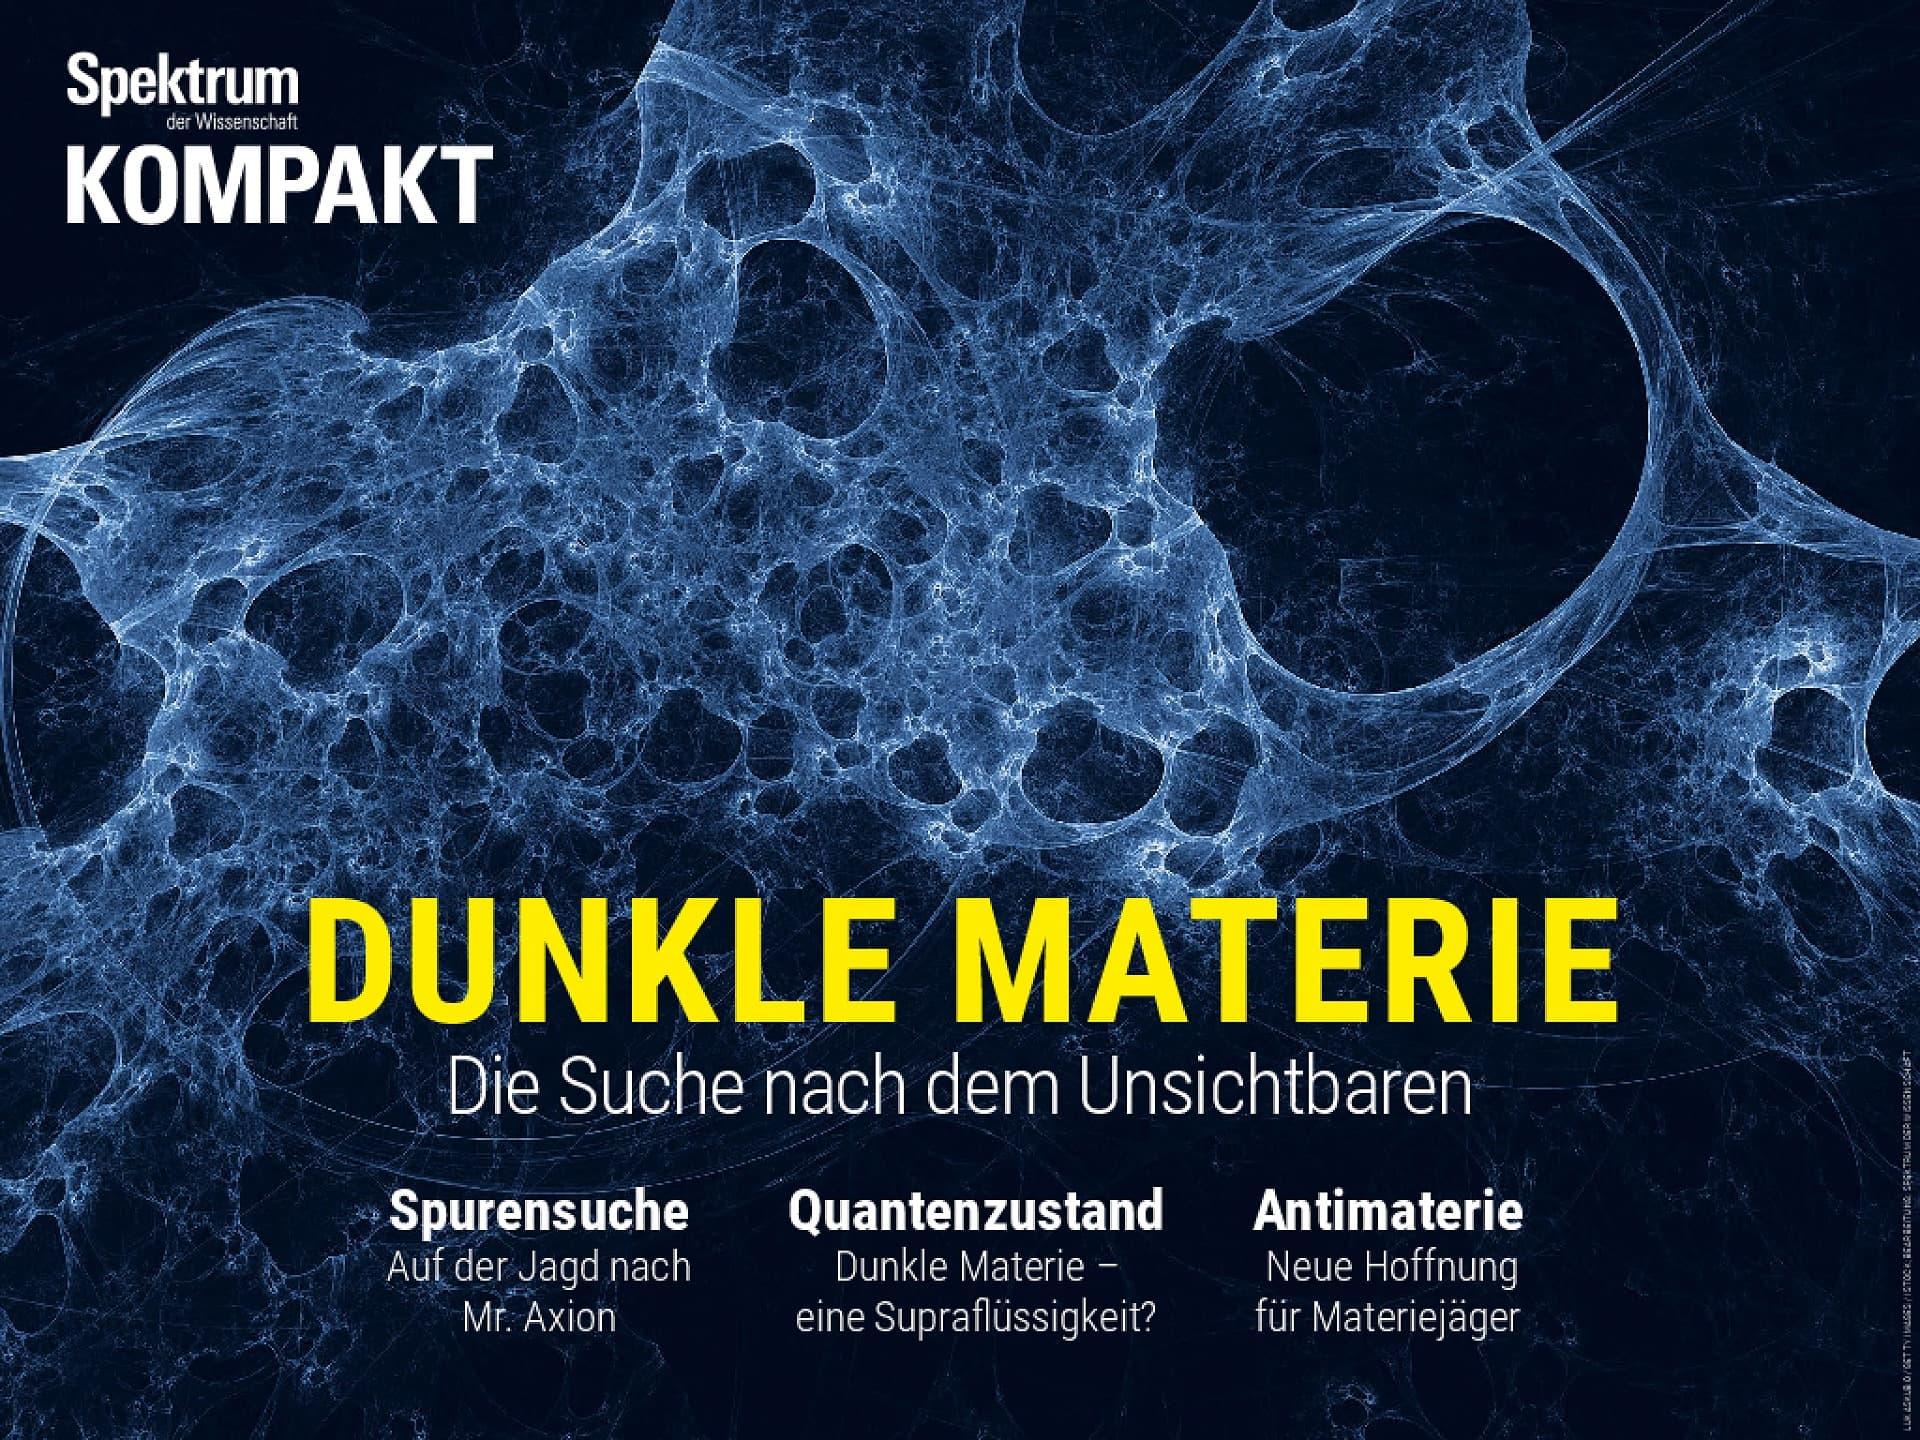 Dunkle Materie - Die Suche nach dem Unsichtbaren